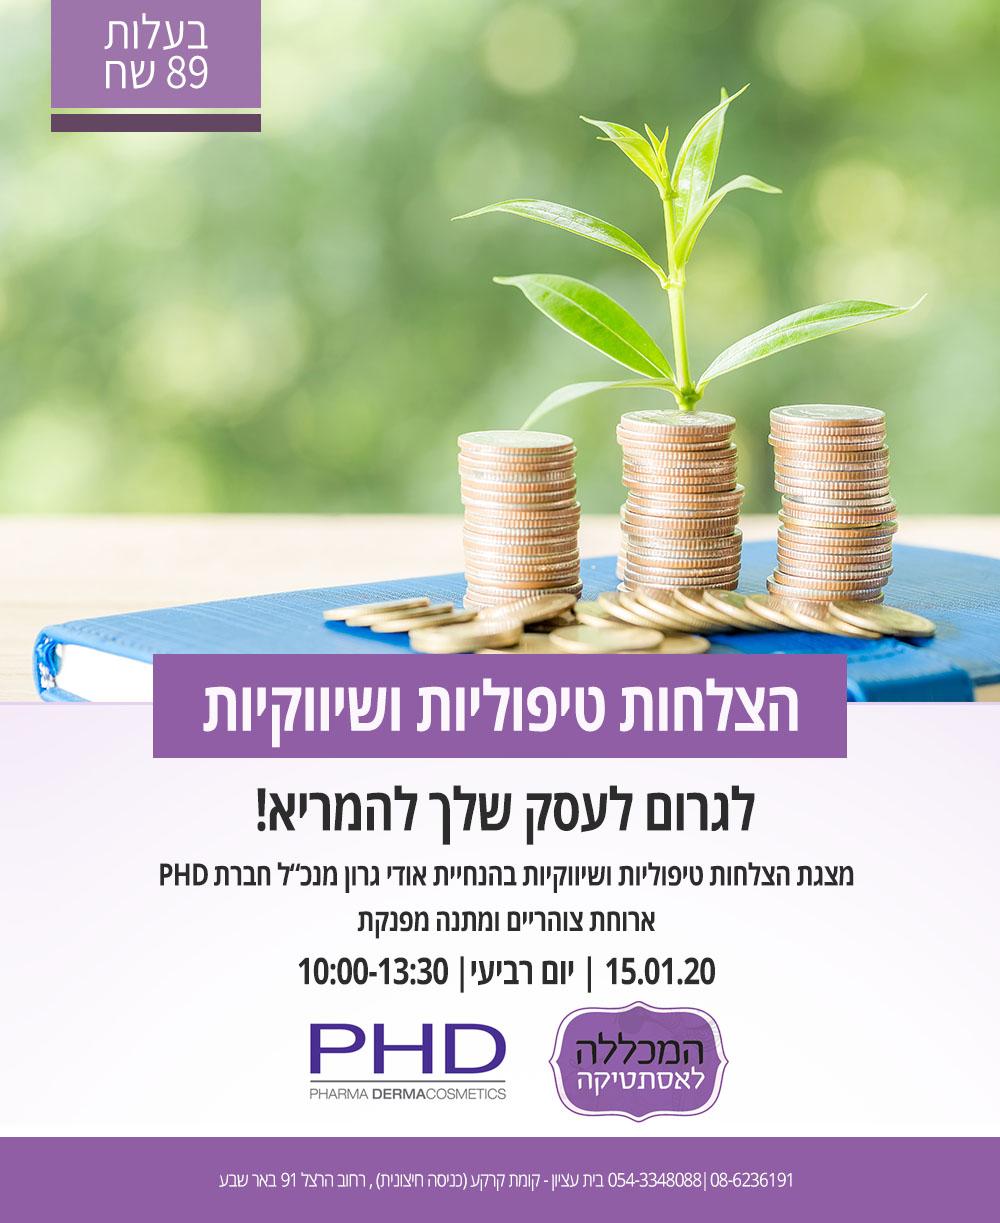 הצלחות טיפוליות ושיווקיות עם חברת PHD